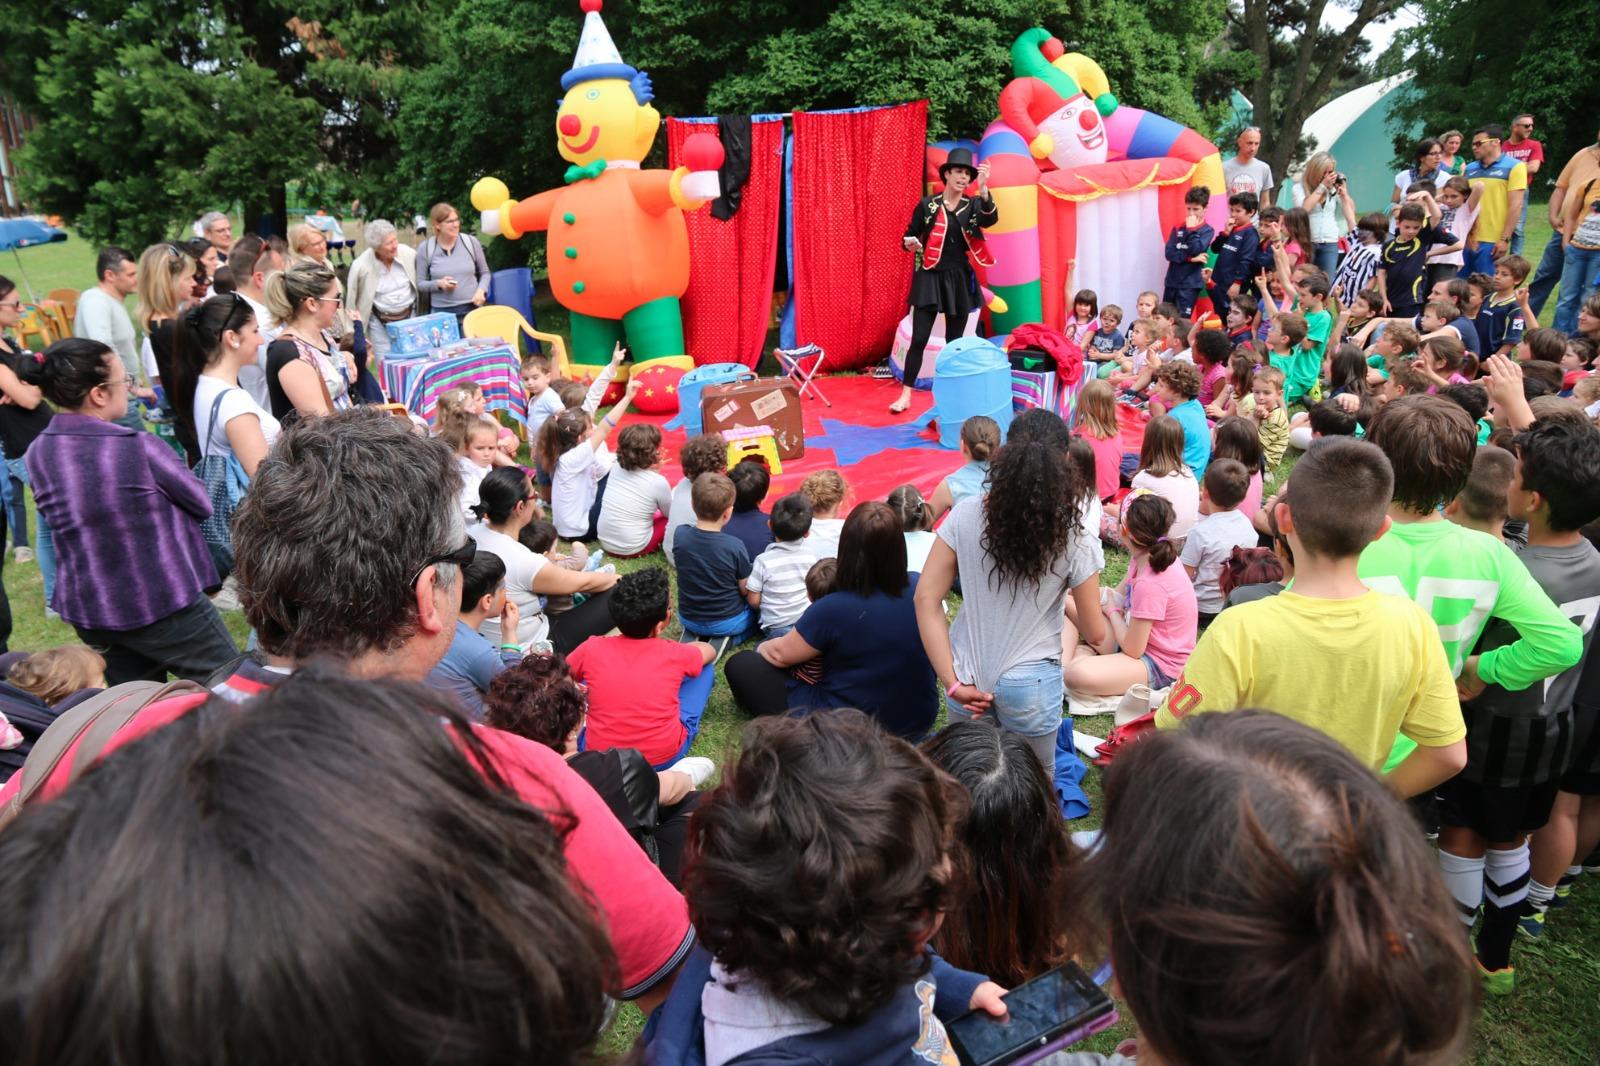 Parco giochi-Felicita Morandi